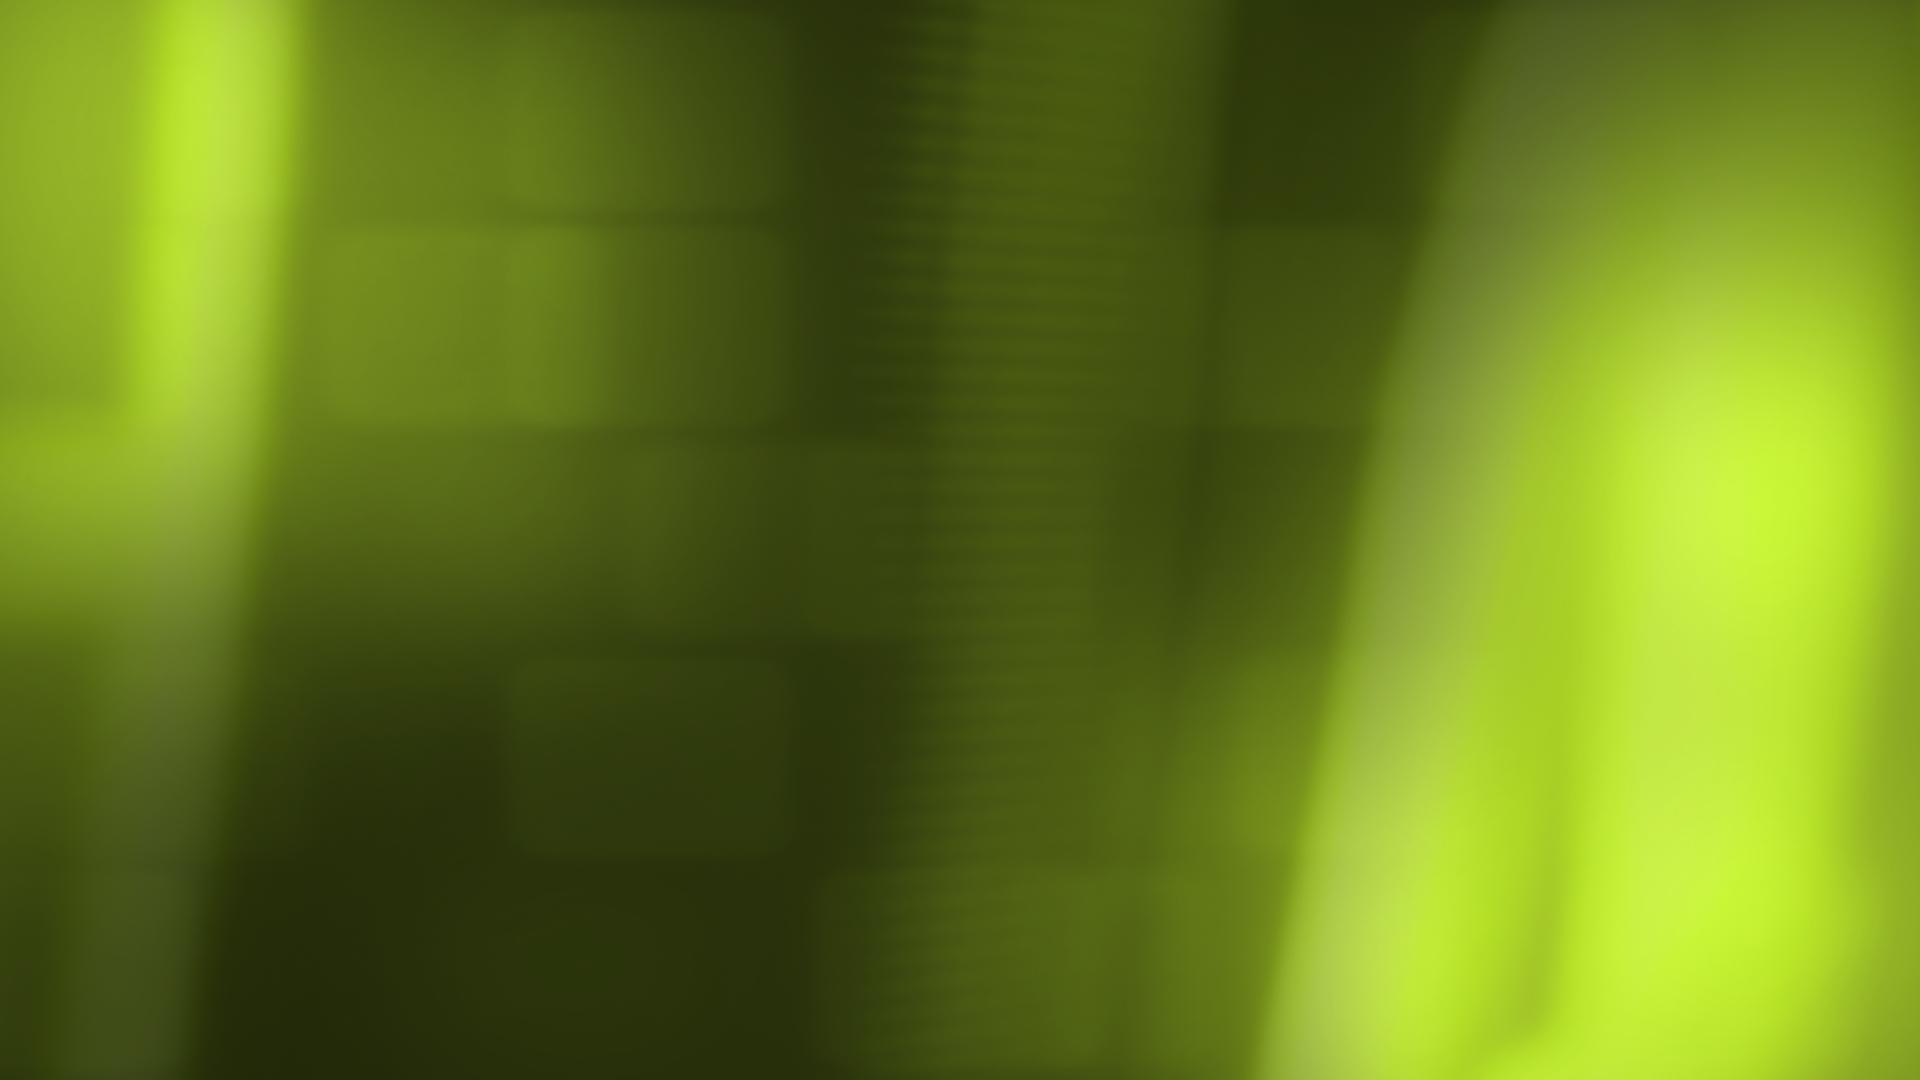 green wallpaper 40199